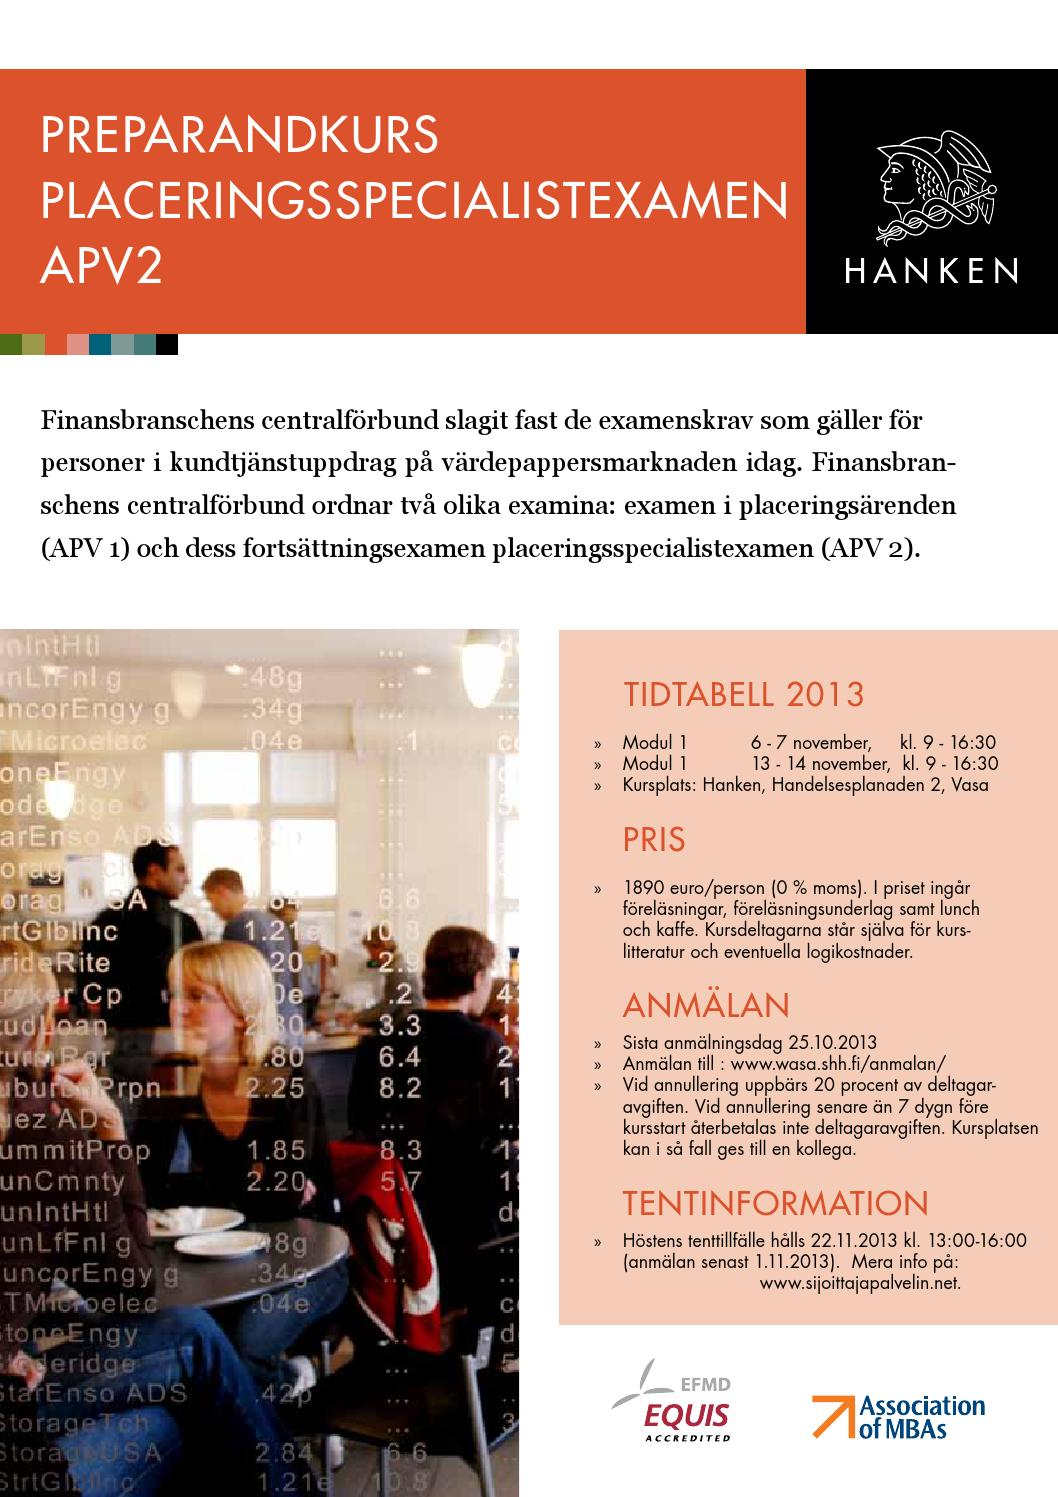 Hanken Fortbildning Vasa - APV2 2013 by Hanken School of Economics - Issuu